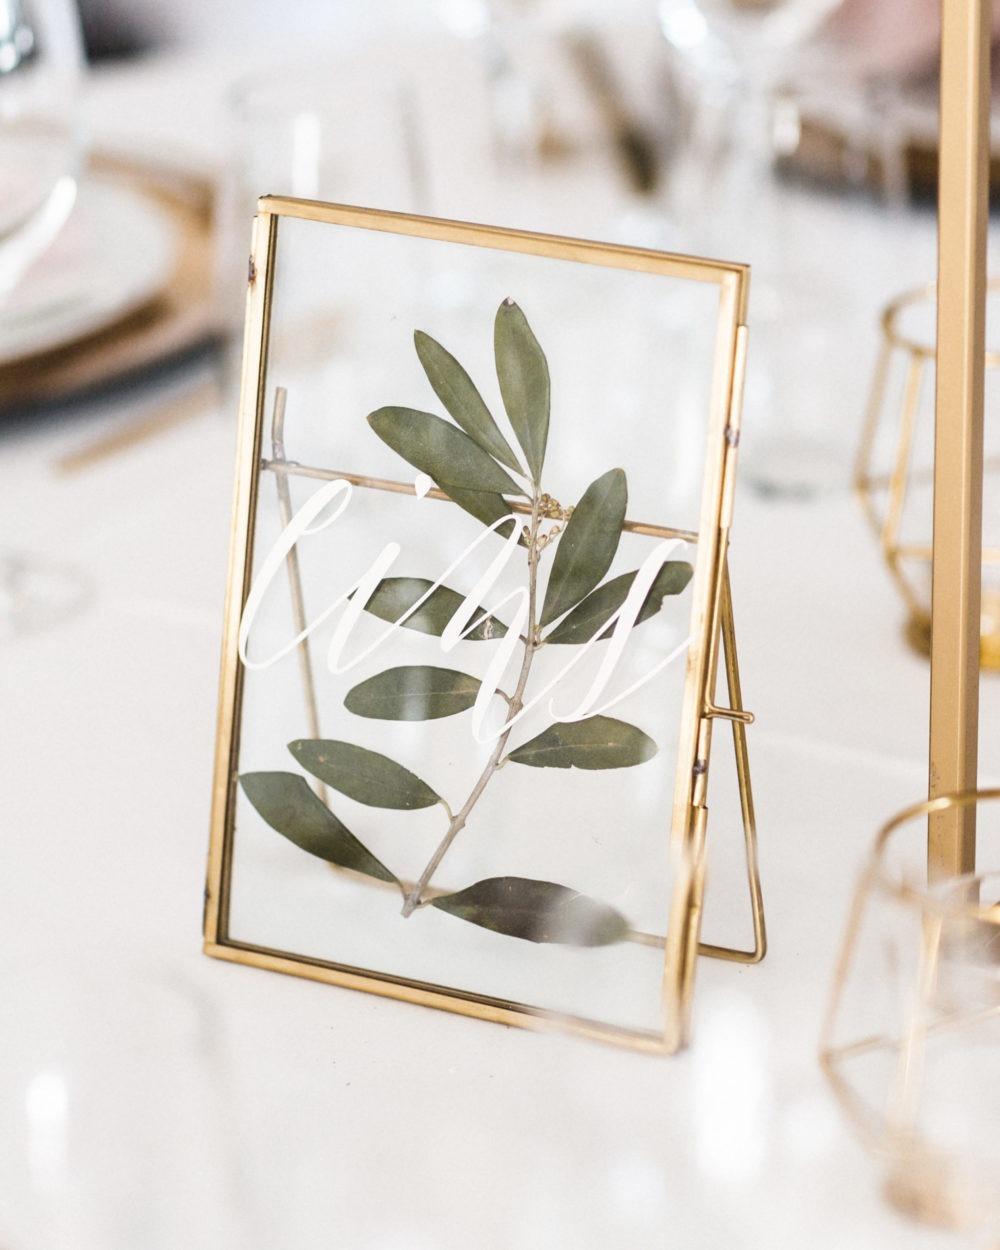 Die Bilderrahmen habe ich von einer ehemaligen Braut über eine Facebook-Hochzeitsverkaufsgruppe abgekauft und dann mit einem selbstgemachten Plott und getrockneten Oliven verschönert.